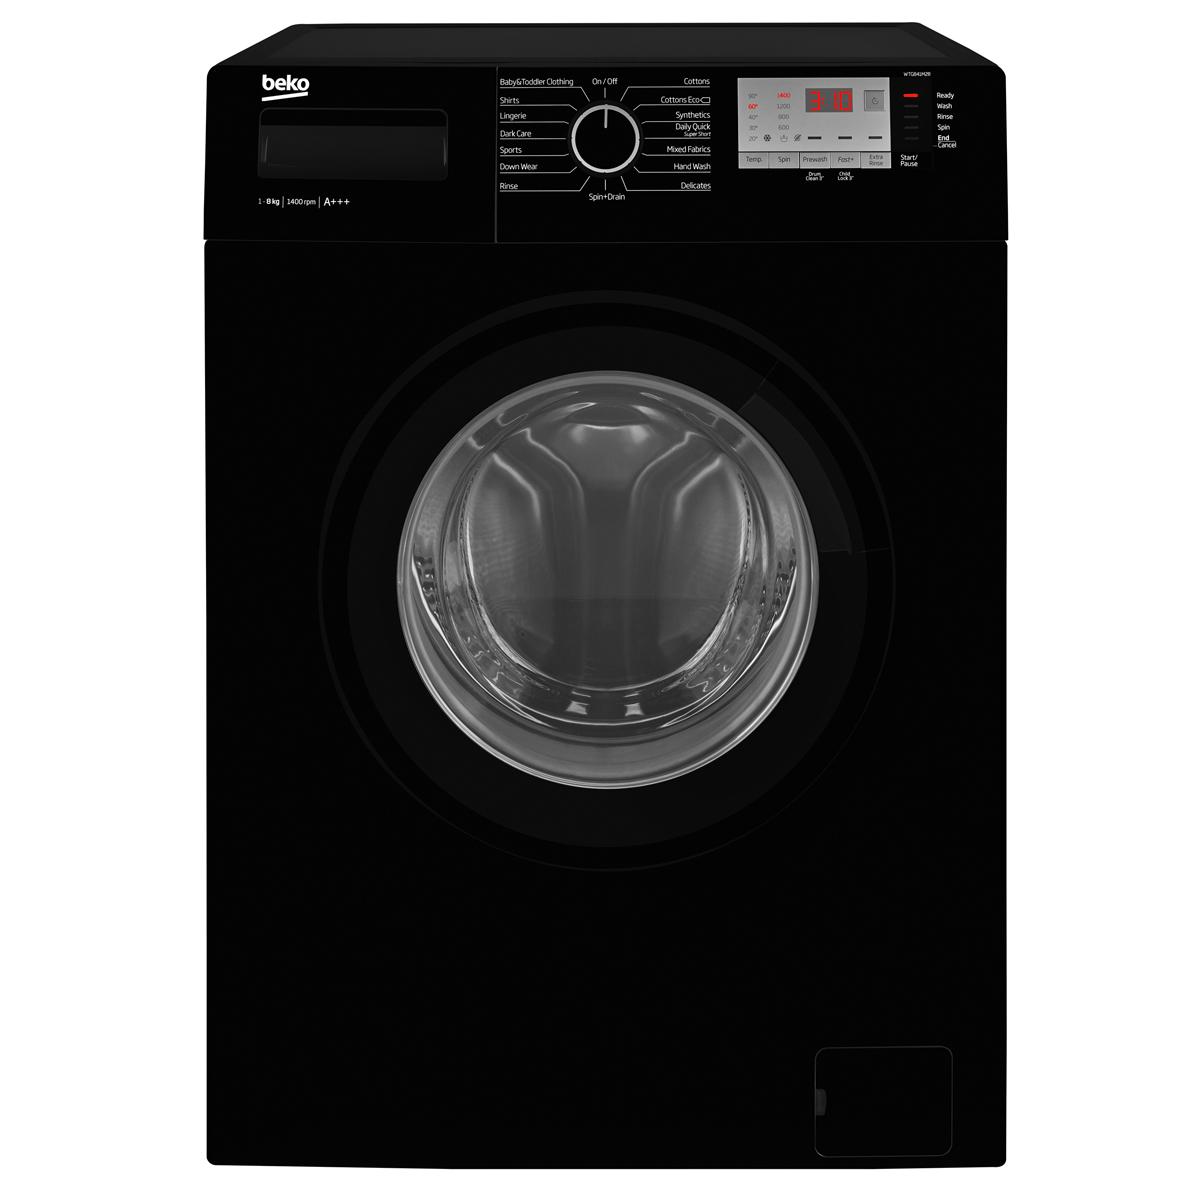 Beko WTG841M2B Washing Machine Freestanding 1400rpm 8kg A+++ Black